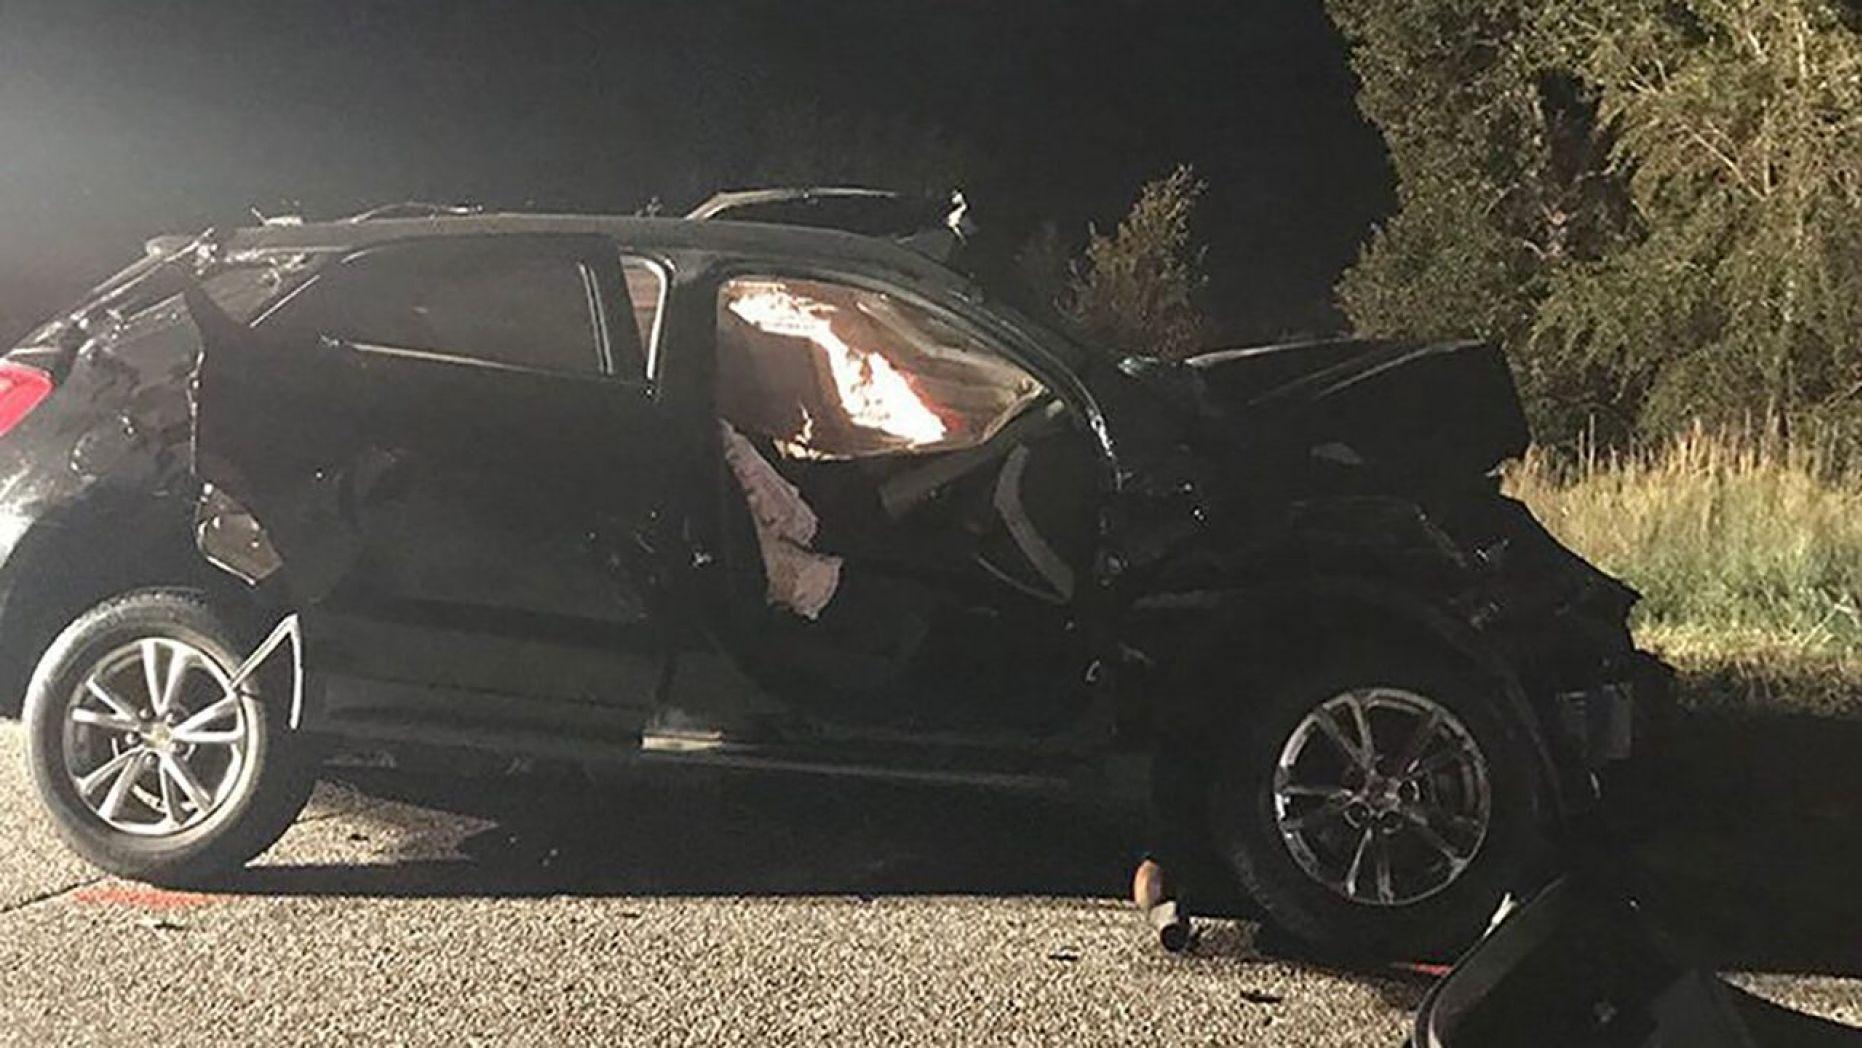 Harris's car accident